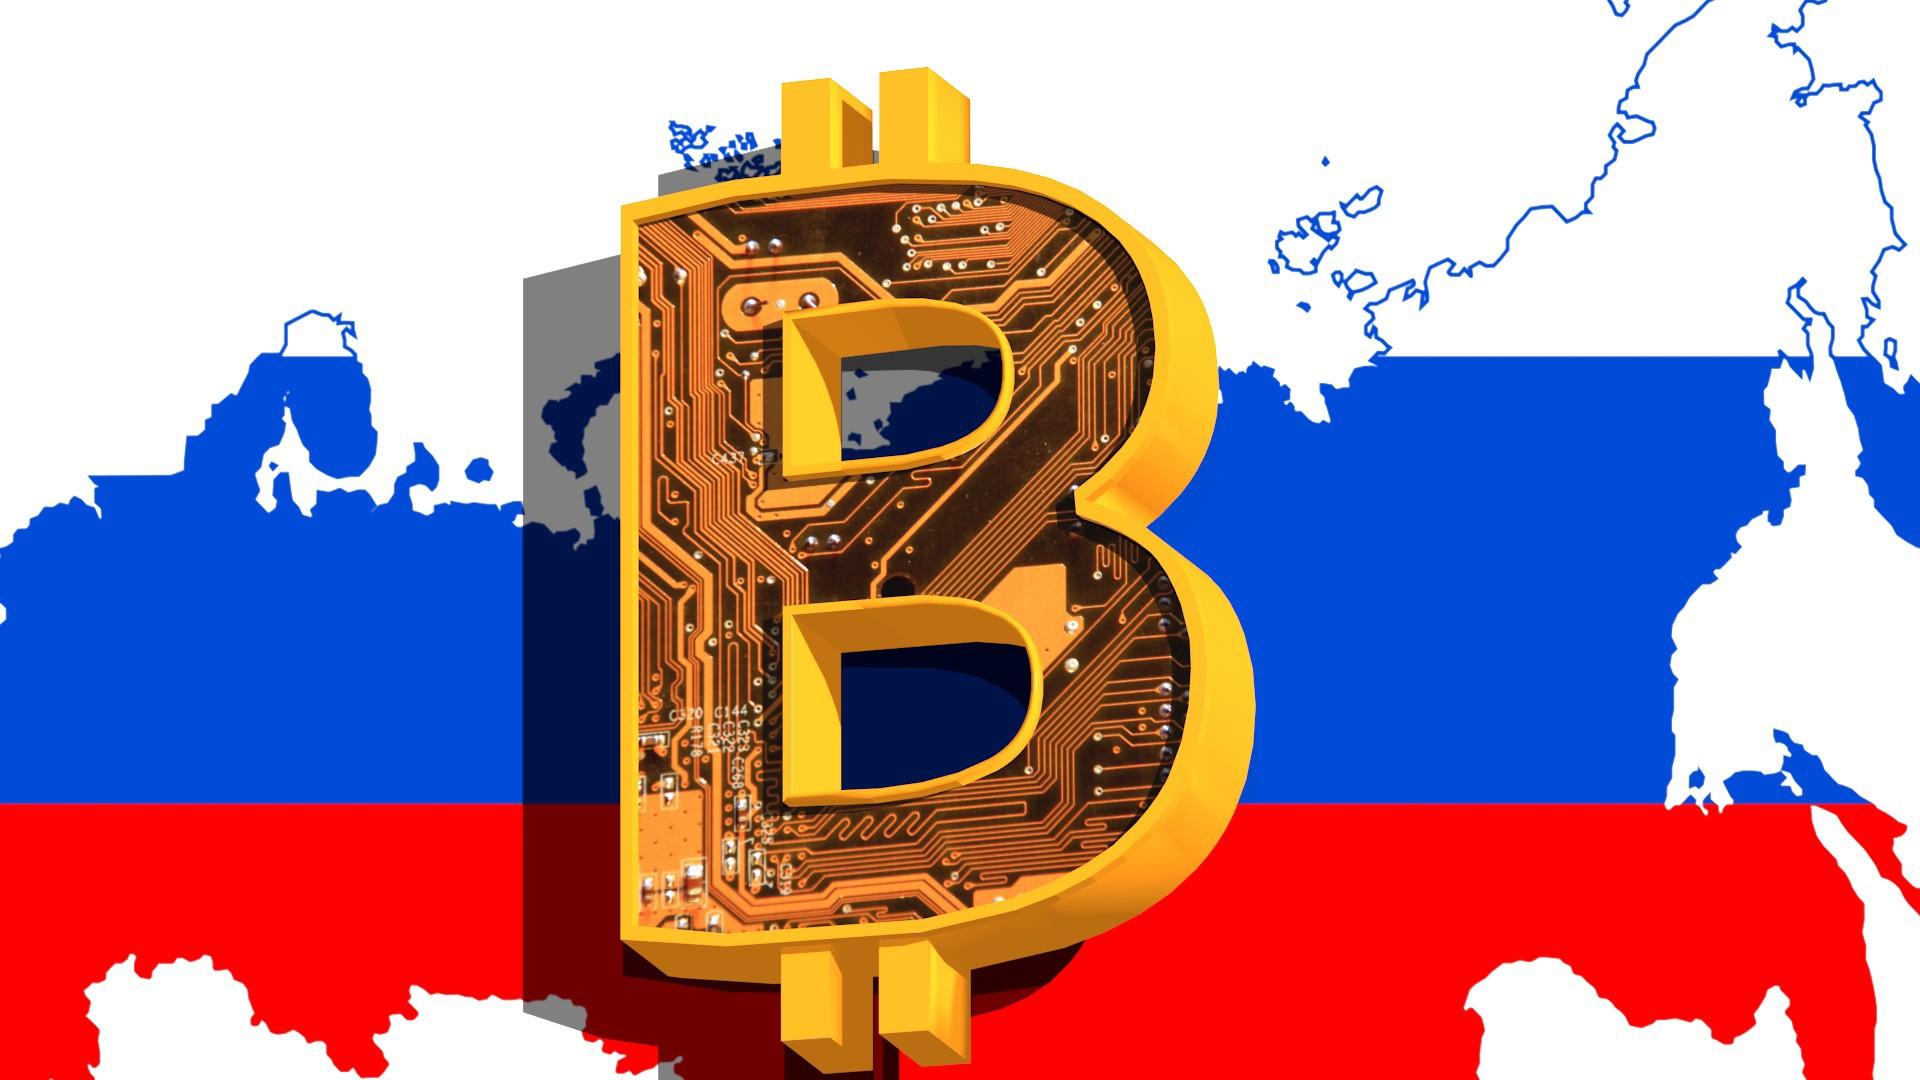 En este momento estás viendo Planta rusa de metales comenzará la minería de Bitcoin